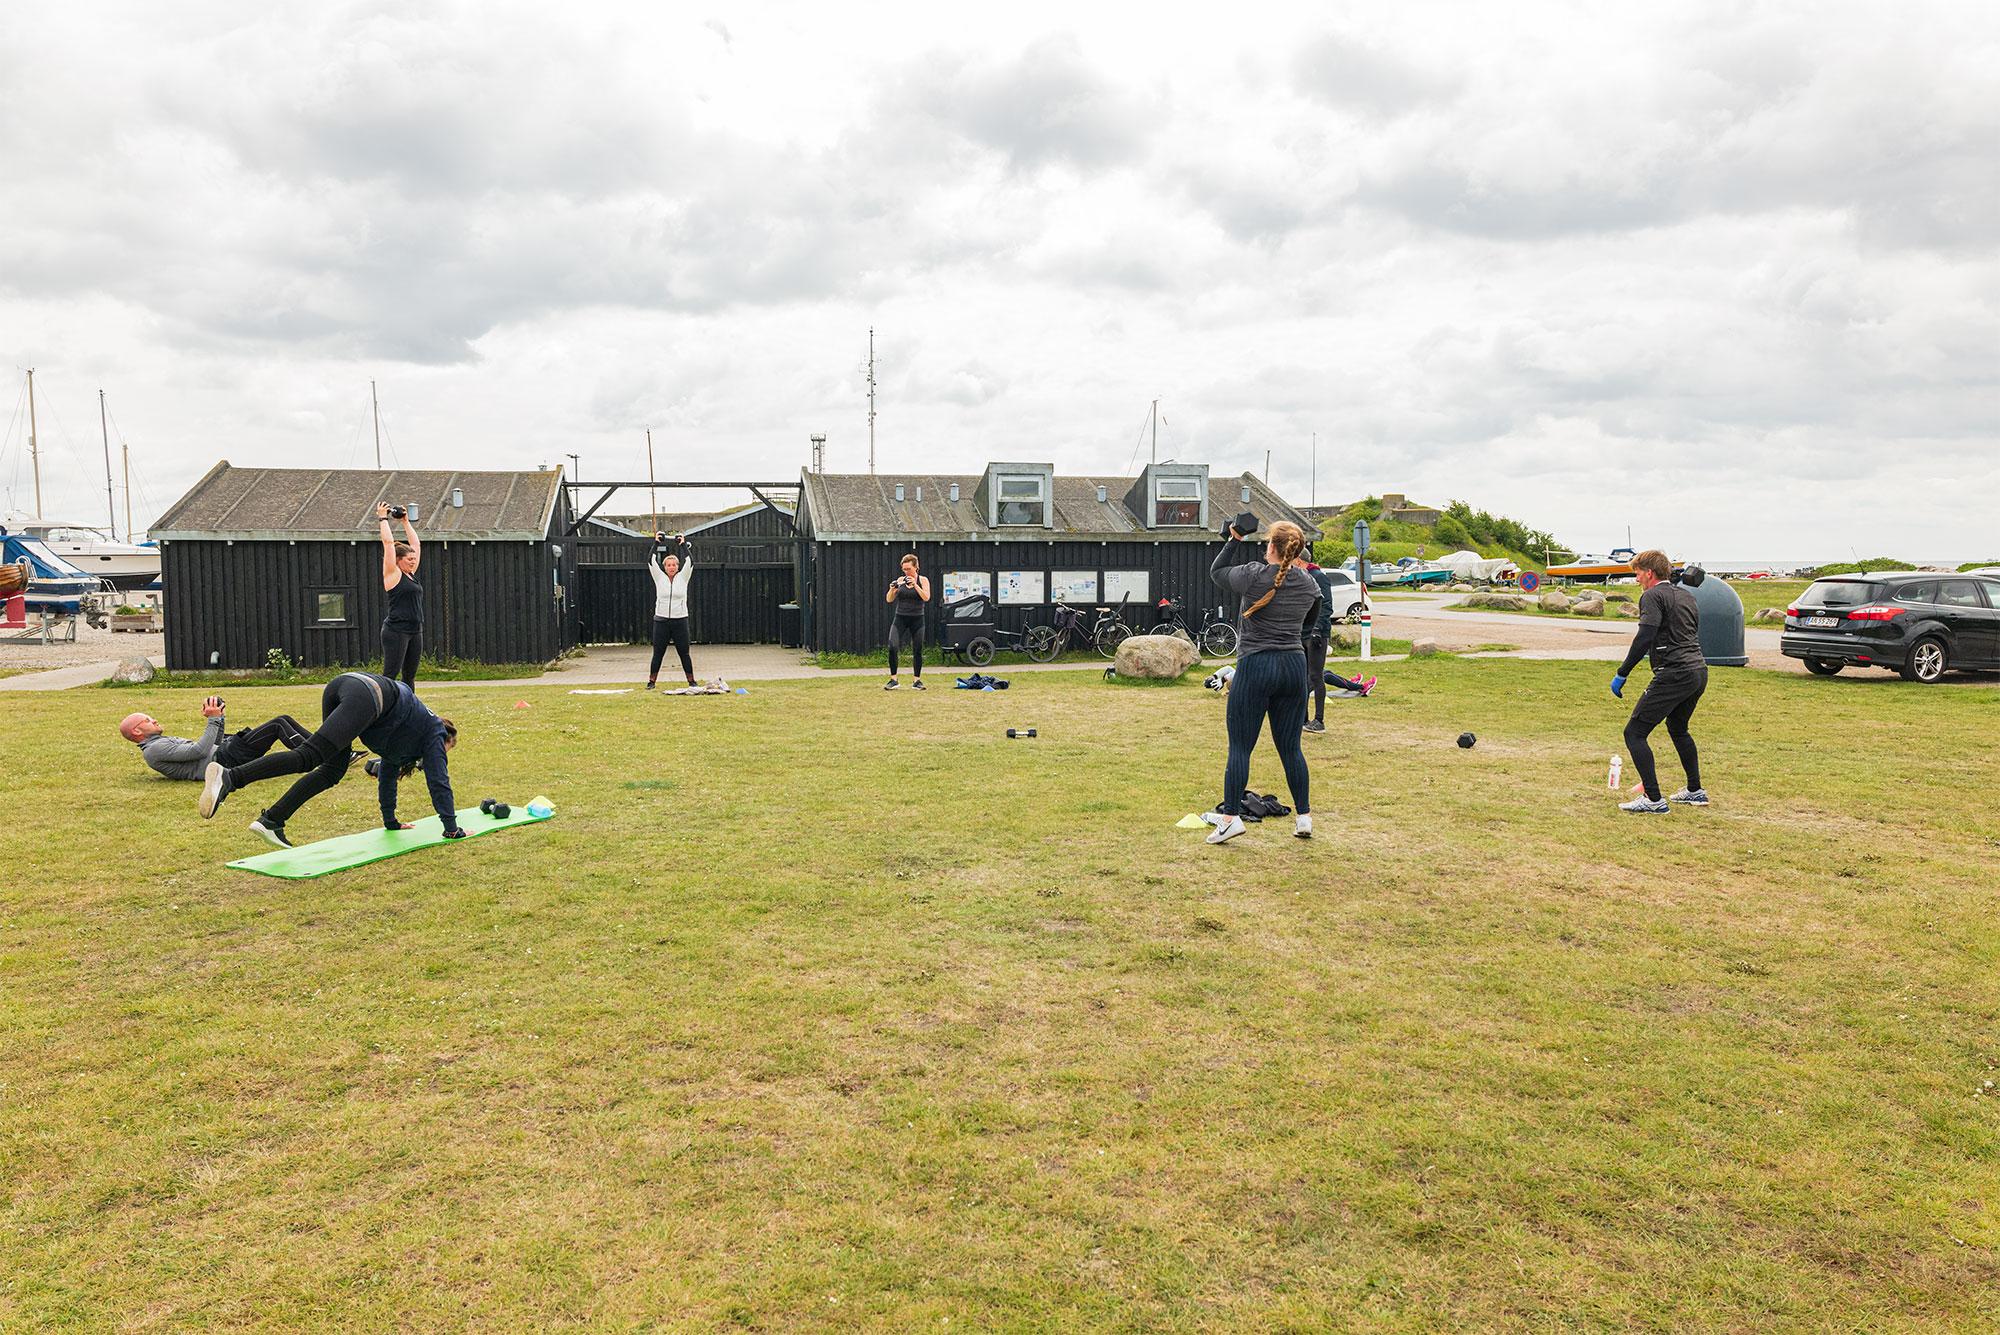 Genåbningen af fitnesscentre er først med i fase tre – og der er endnu ikke fastsat en dato for, hvornår det kan forventes at ske. En gruppe træningshungrende havde sat hinanden stævne til en omgang træning på ved grønne område ved Ny Havn. Foto: TorbenStender.